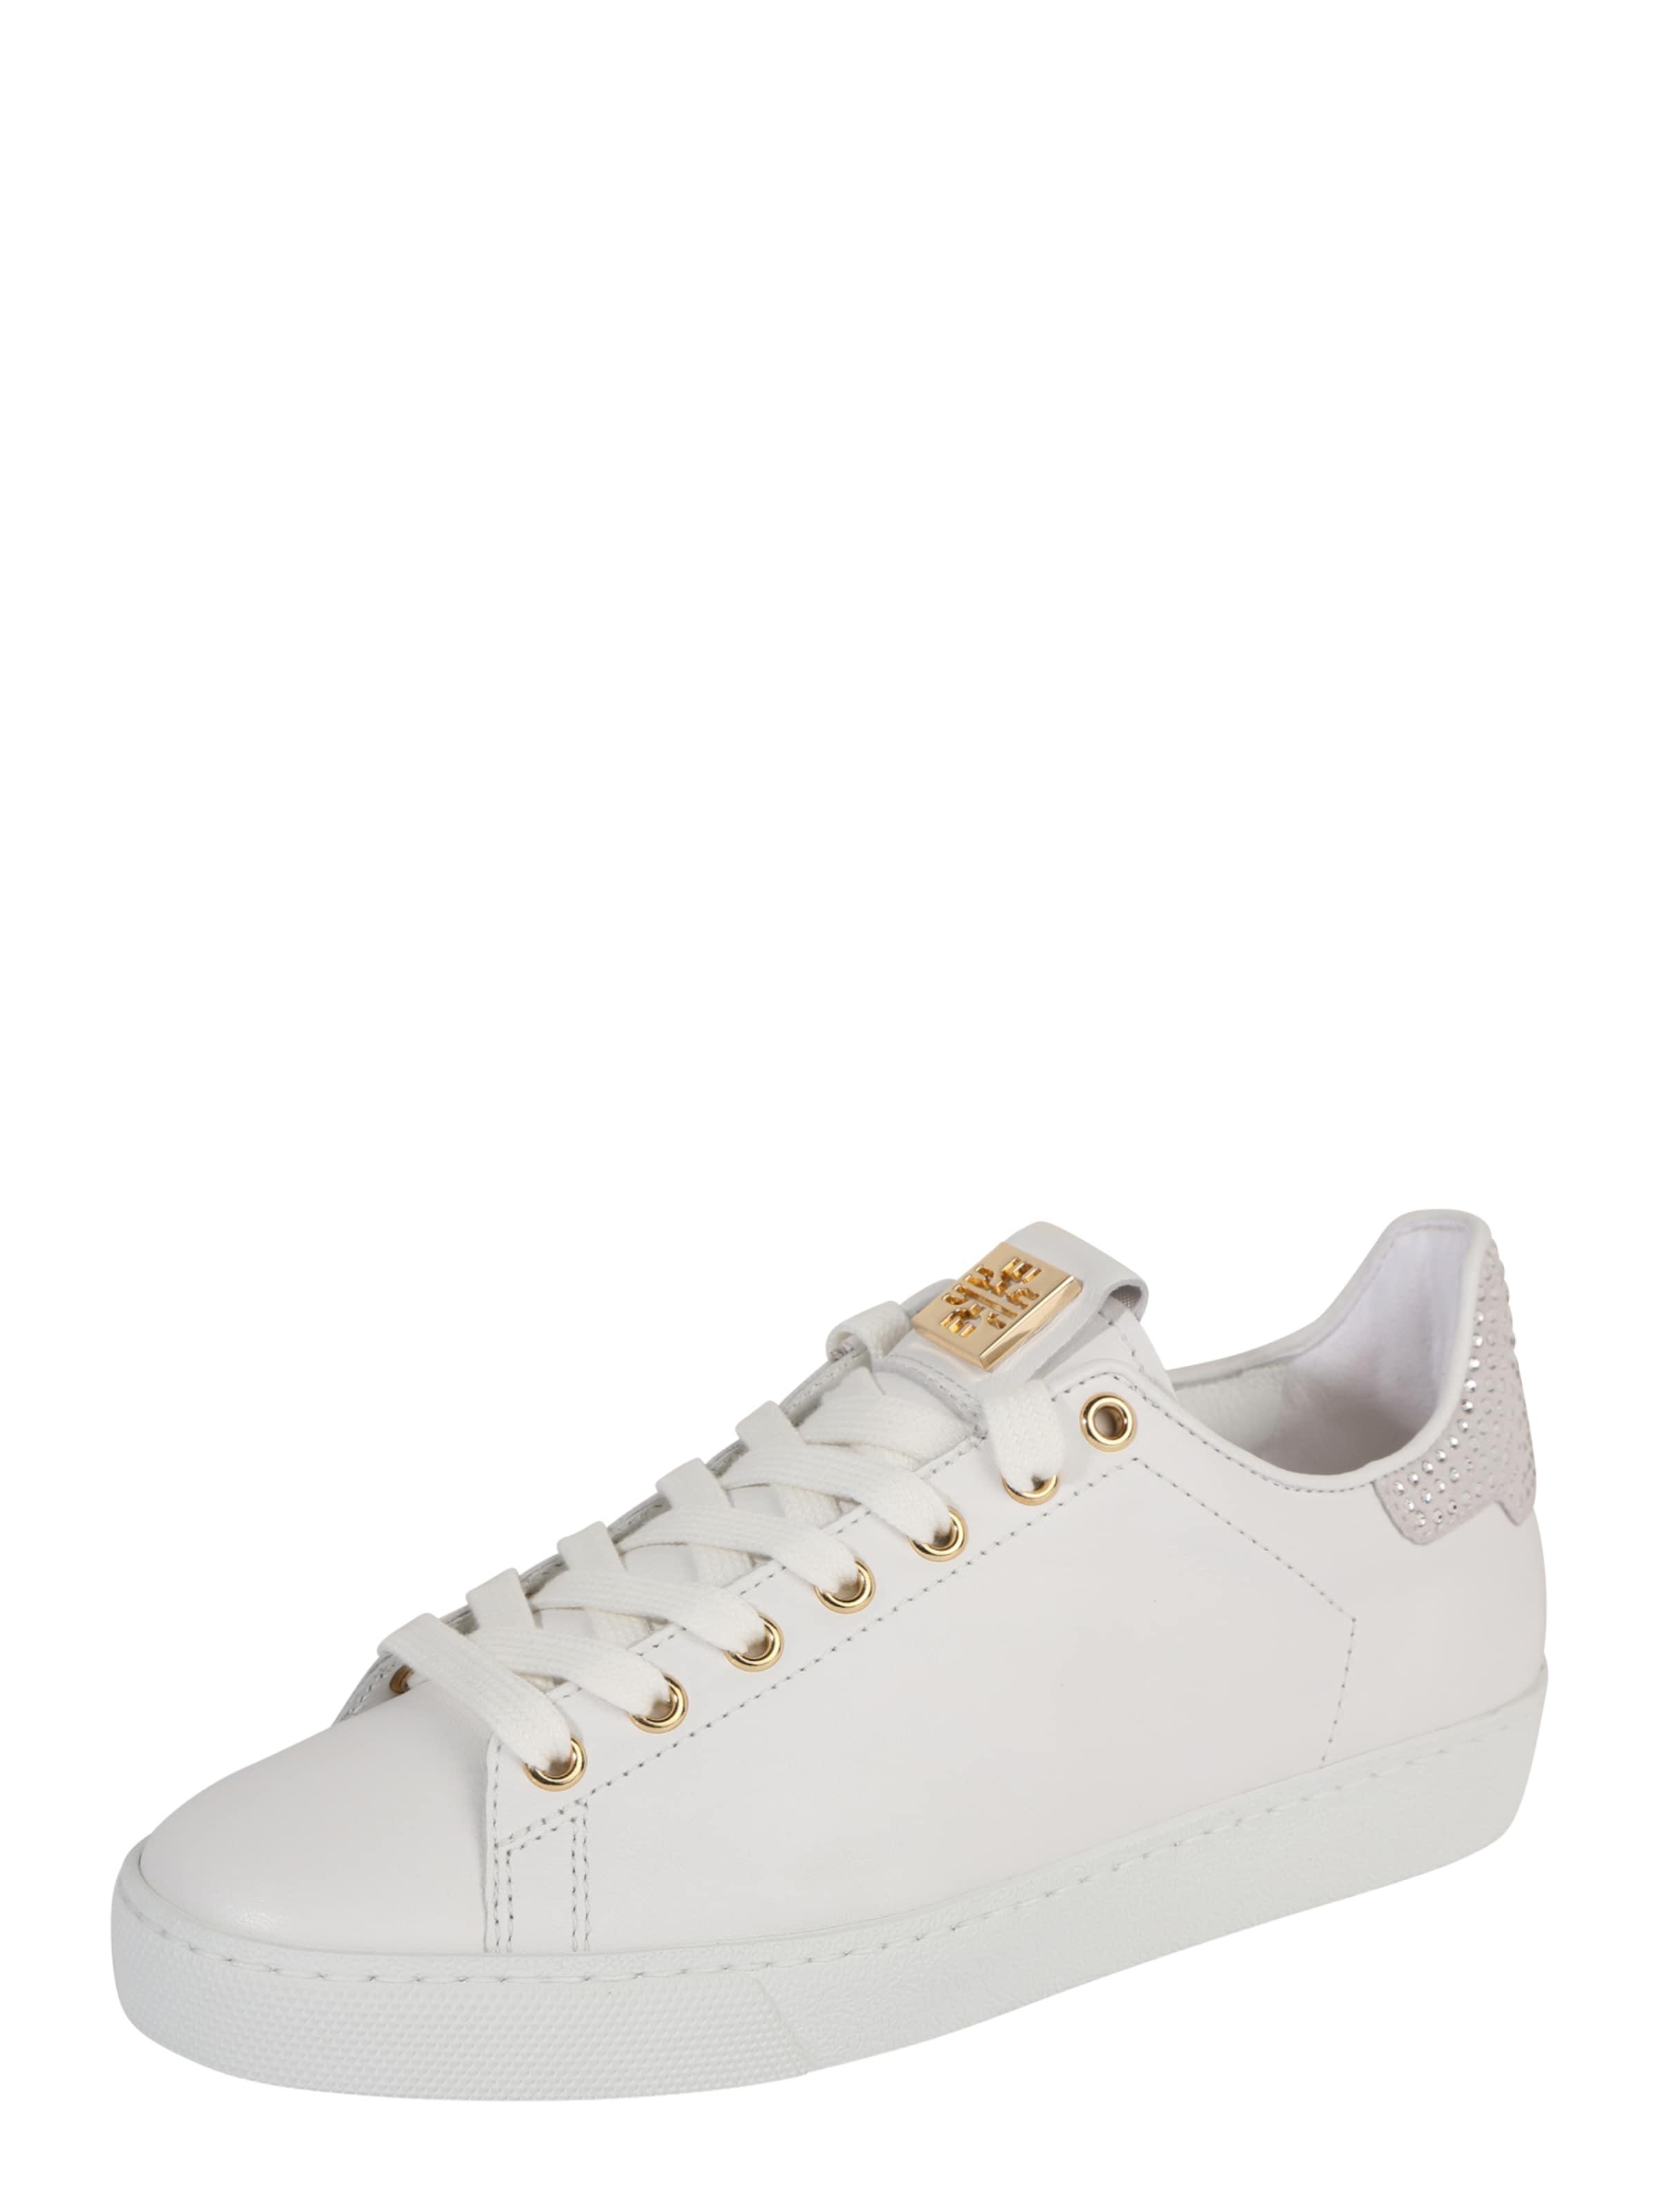 Großer Verkauf Ost Veröffentlichungstermine Högl Sneaker mit Swarovski-Kristall-Besatz Kaufen Neueste Günstig Kaufen Erkunden Outlet Bequem w8c4OEzH6